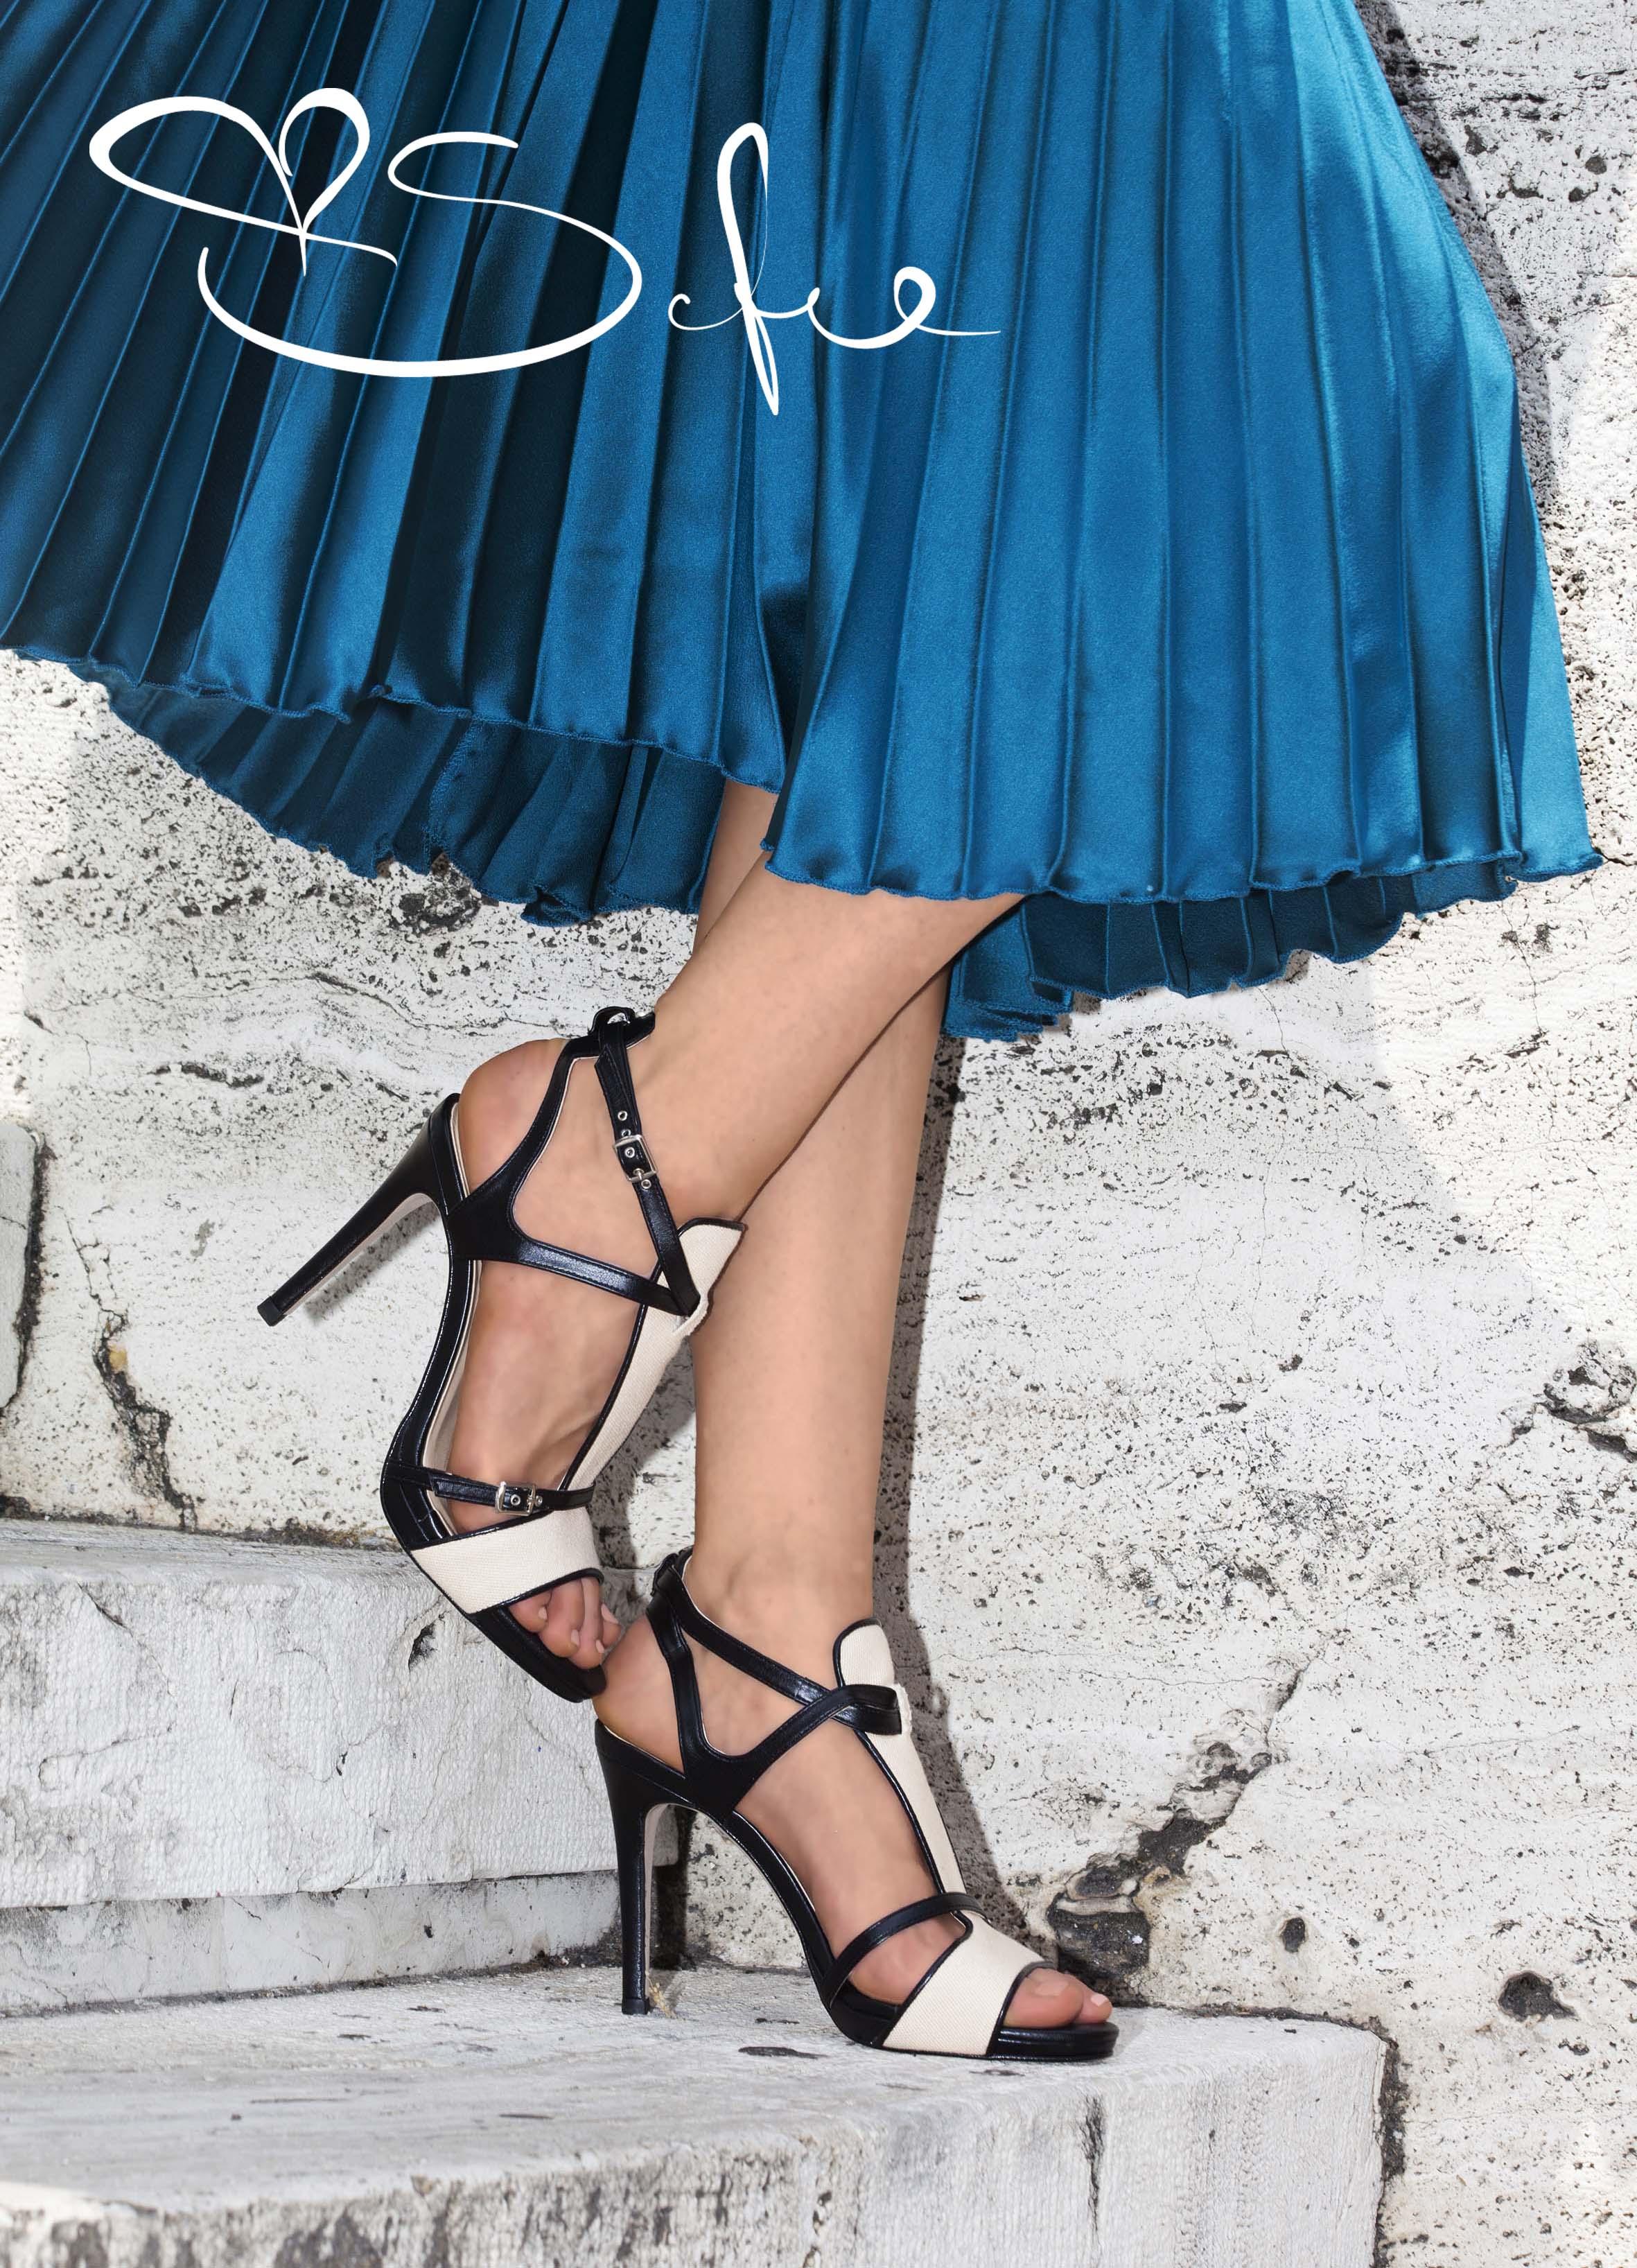 Image: JEUNE Stiletto by Love Sofie